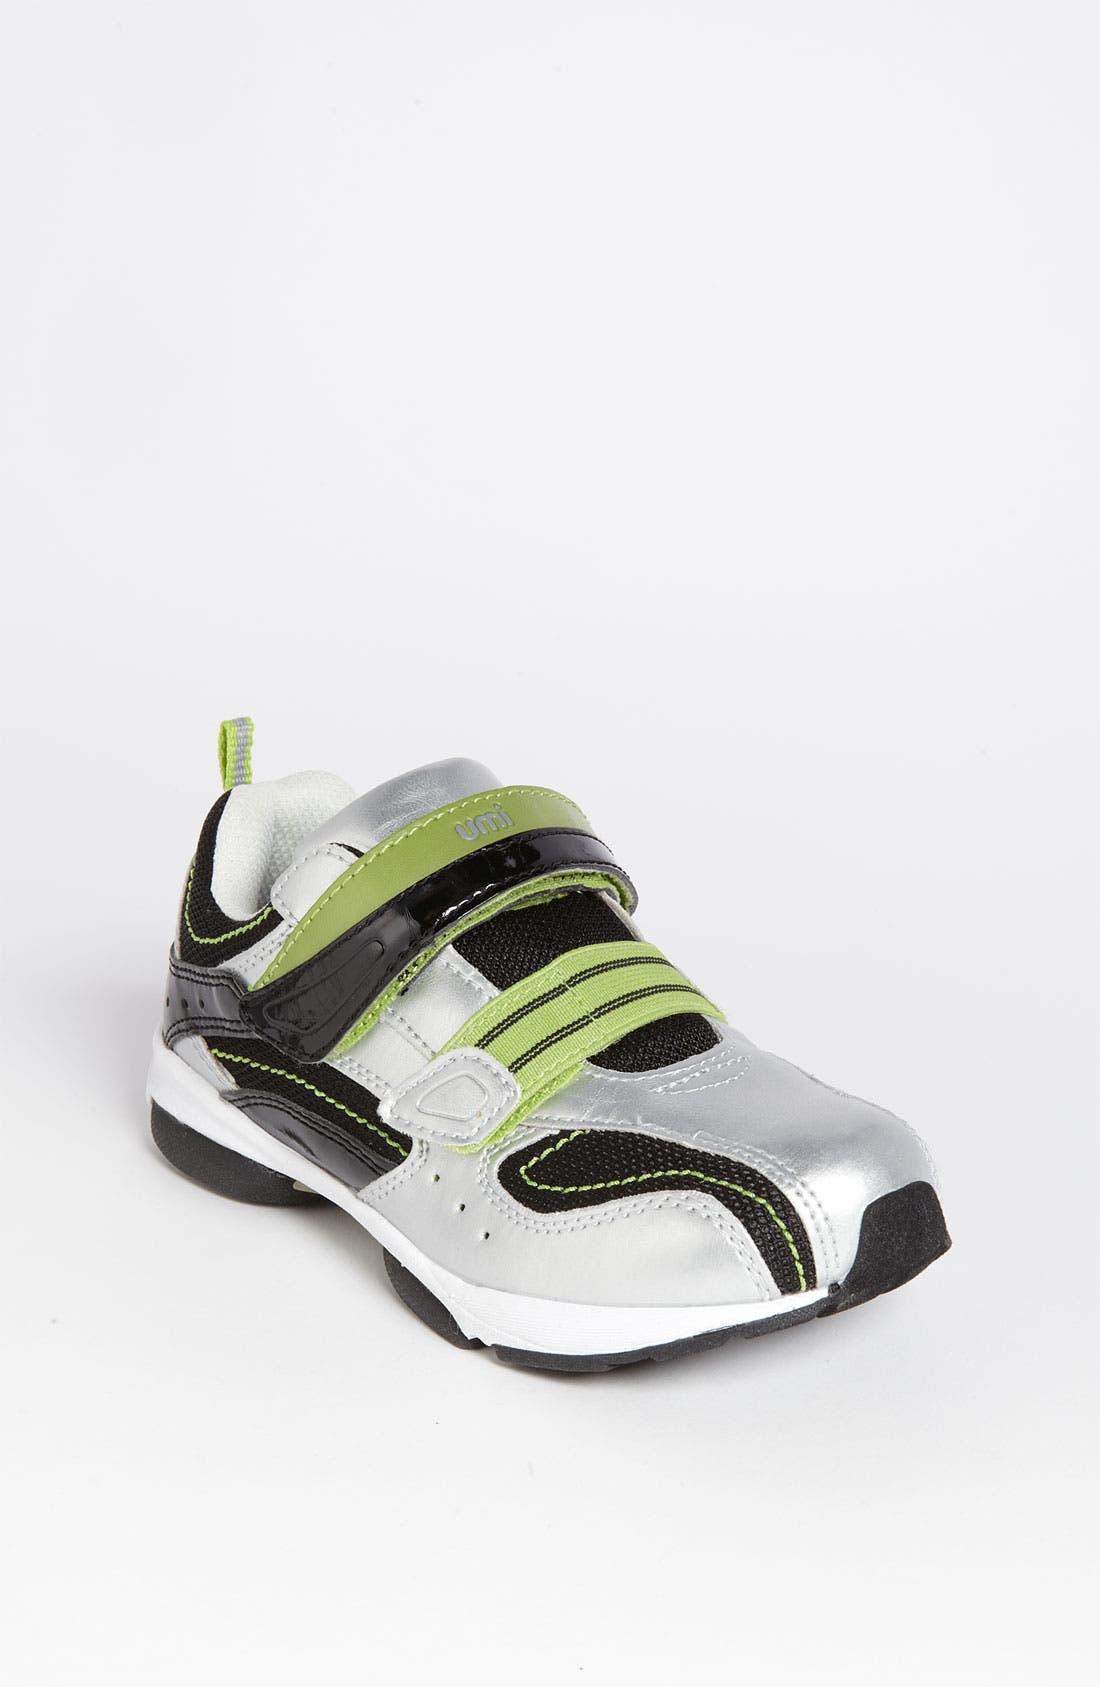 Main Image - Umi 'Shane' Sneaker (Toddler, Little Kid & Big Kid)